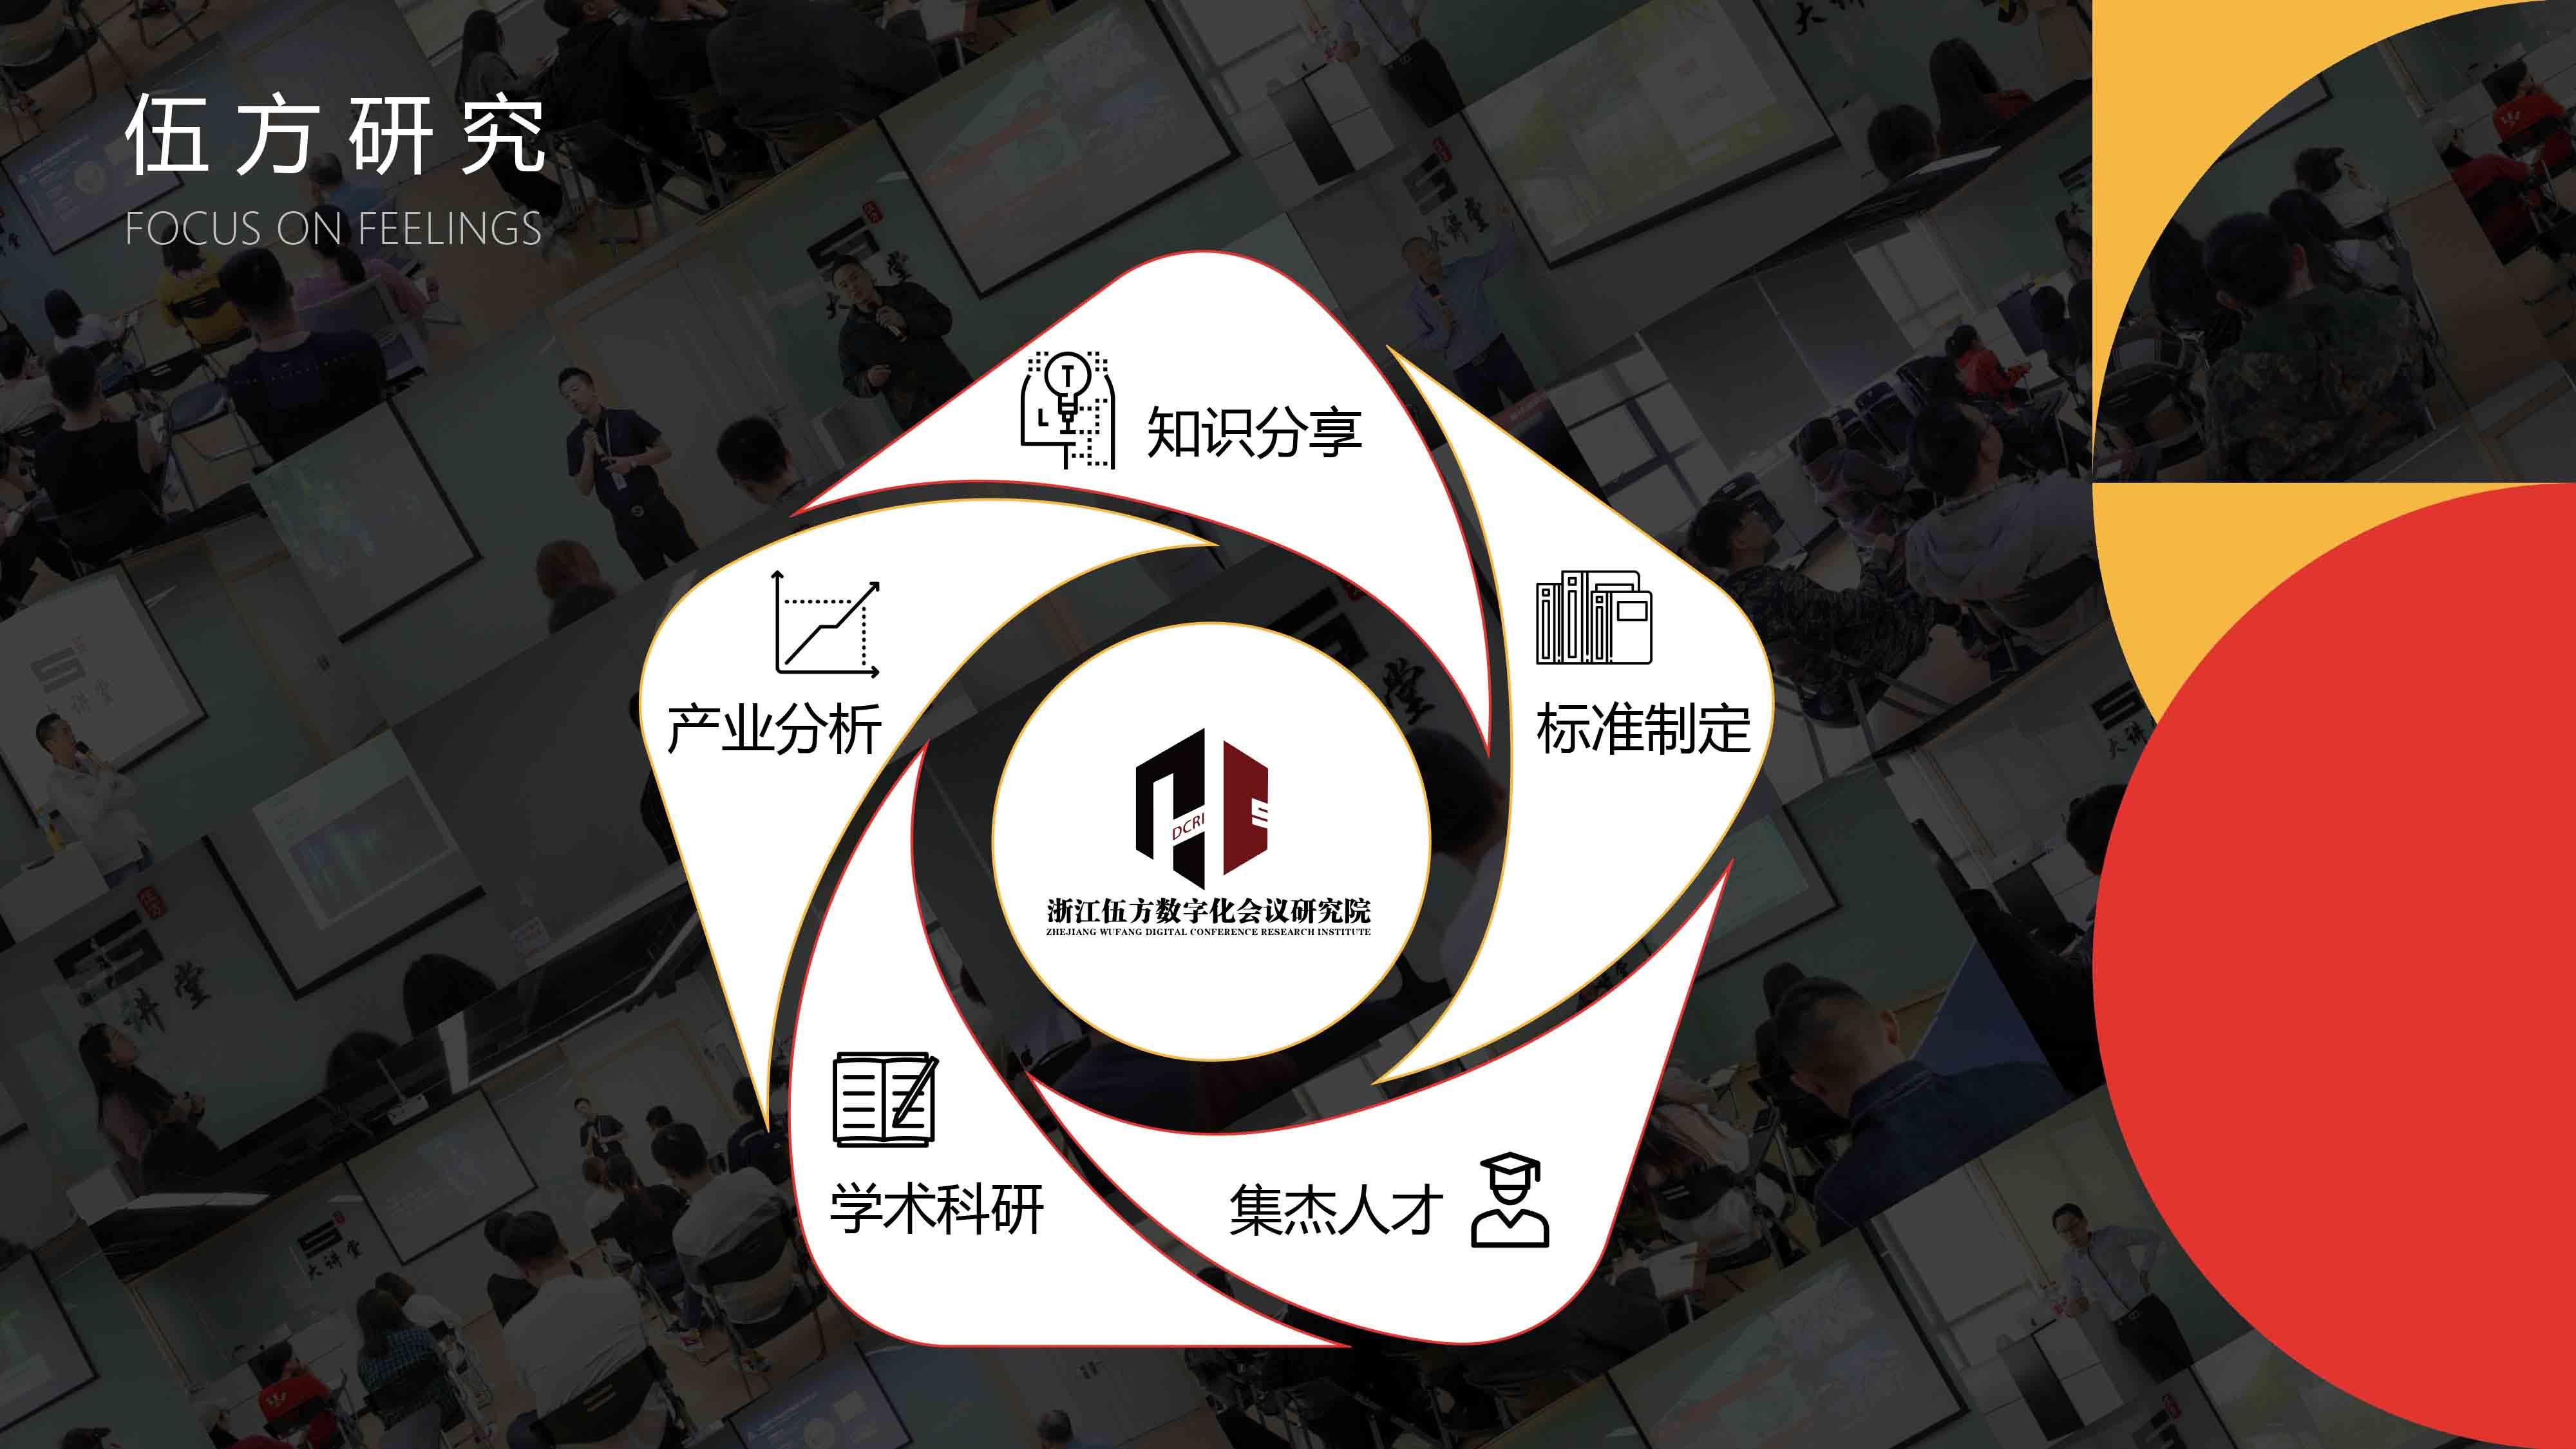 杭州伍方会议研究院